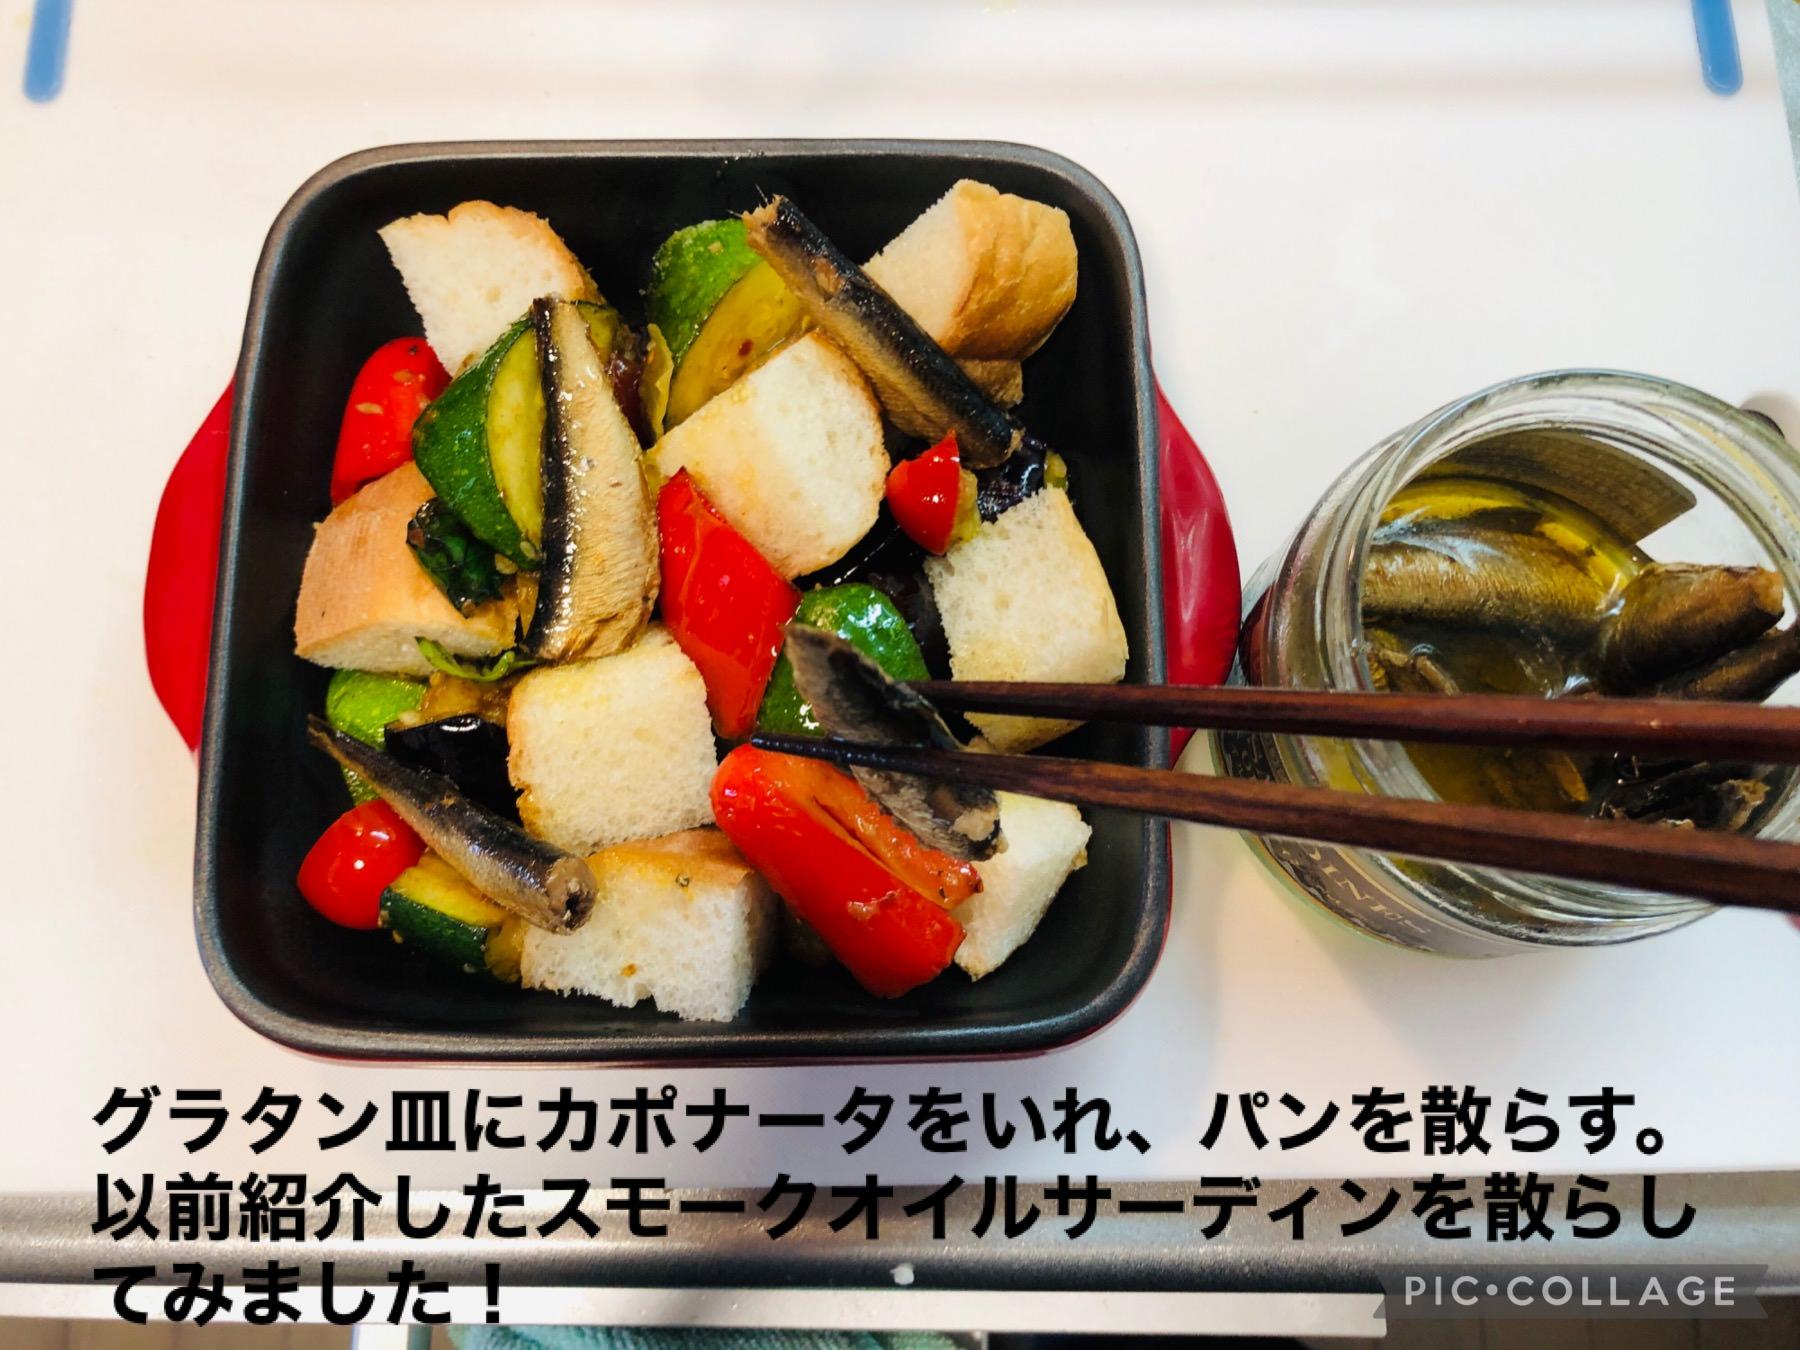 グラタン皿にカポナータとカットしたパンをちらし、スモークオイルサーディンを入れる様子の画像です